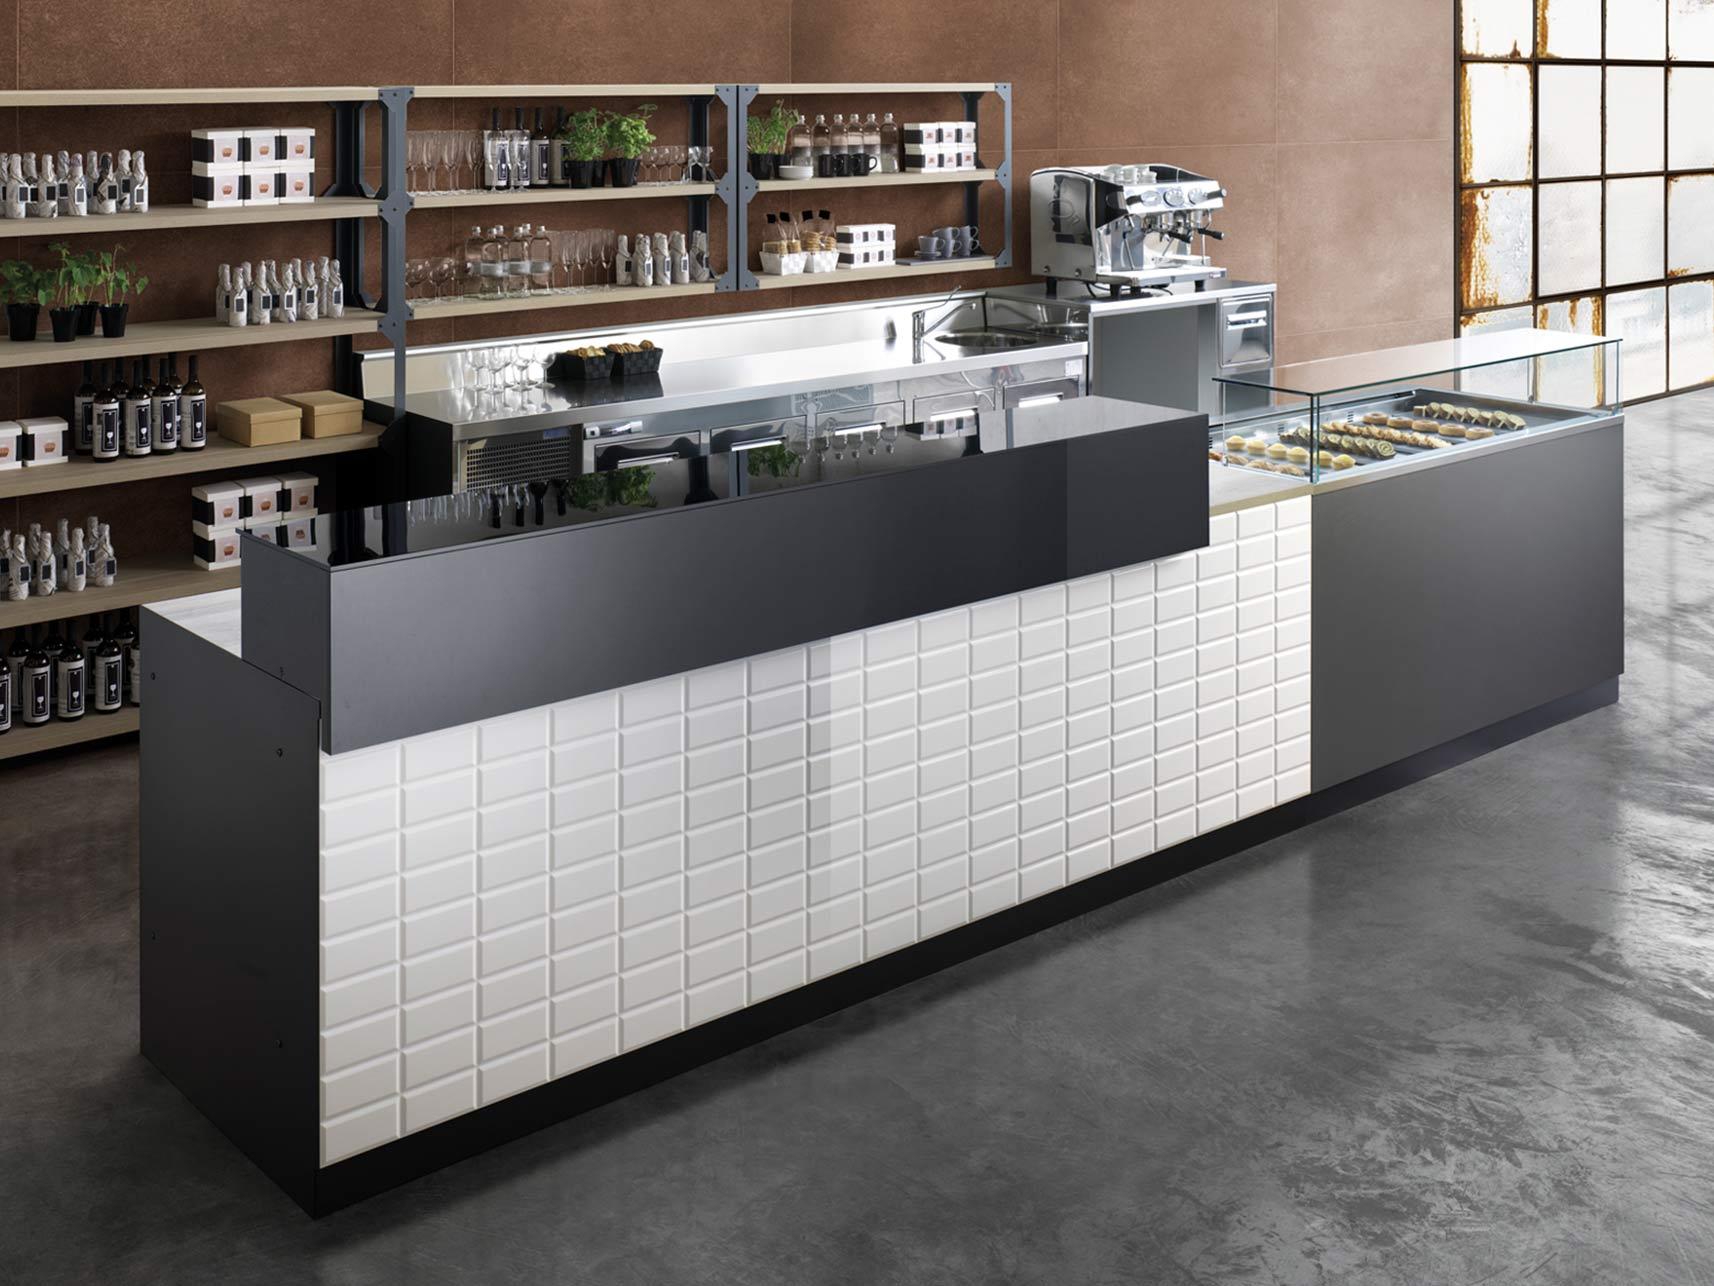 arredamenti attività commerciali, bar, pasticcerie, tabaccherie e gelaterie - prodotto subway